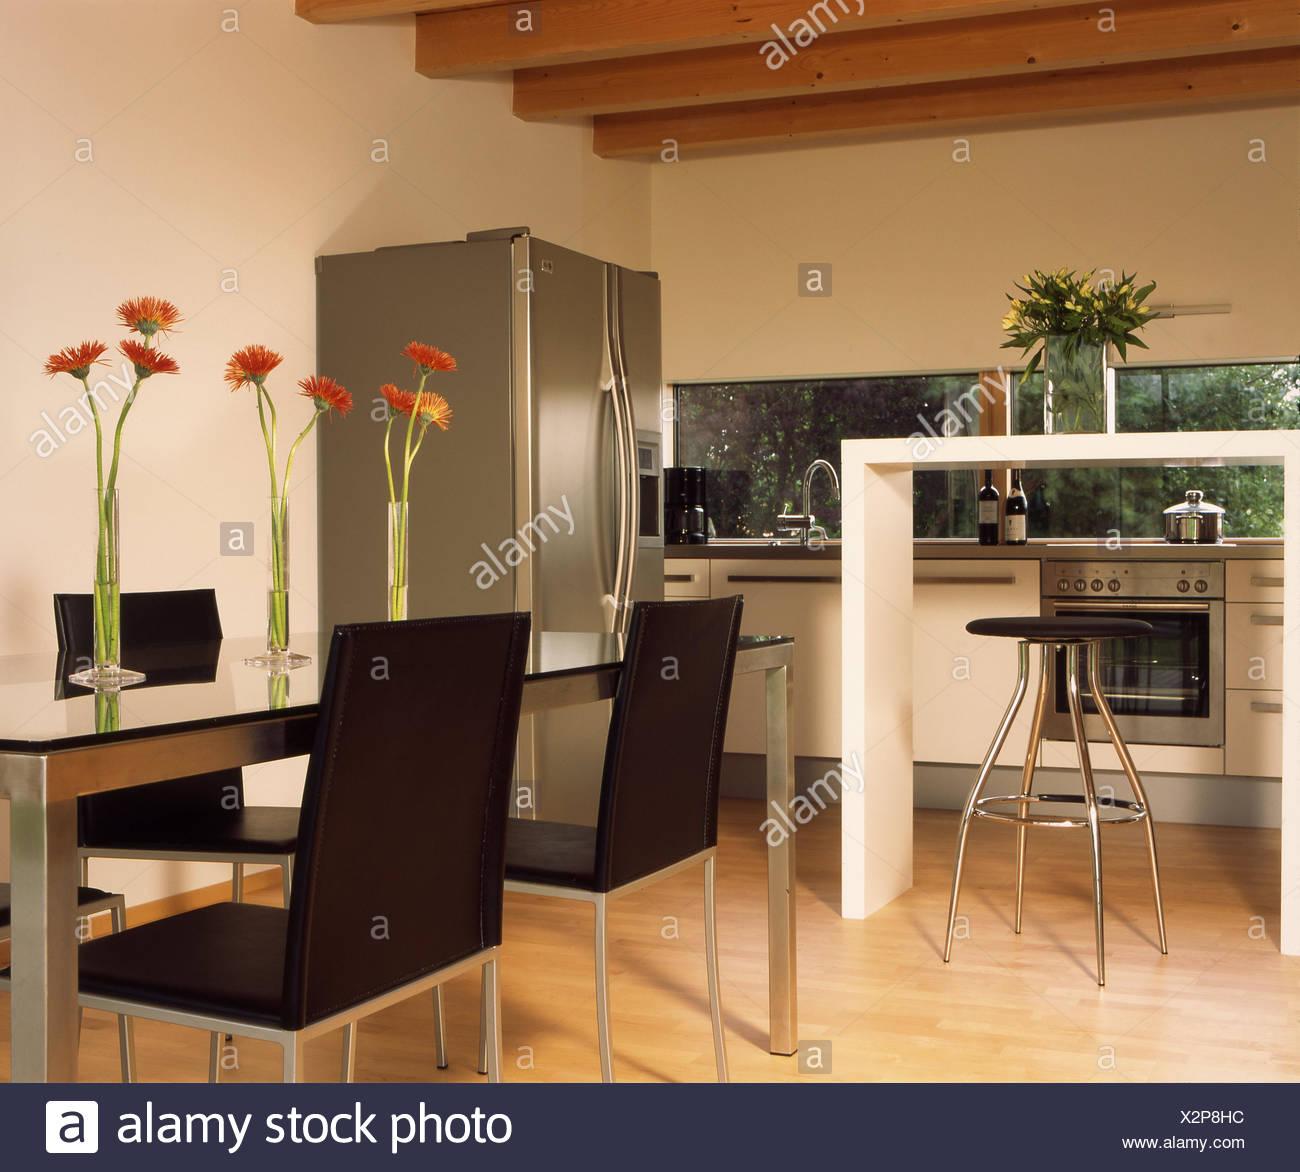 Fantástico Cocina Comedor Disposición De Diseño Modelo - Ideas de ...